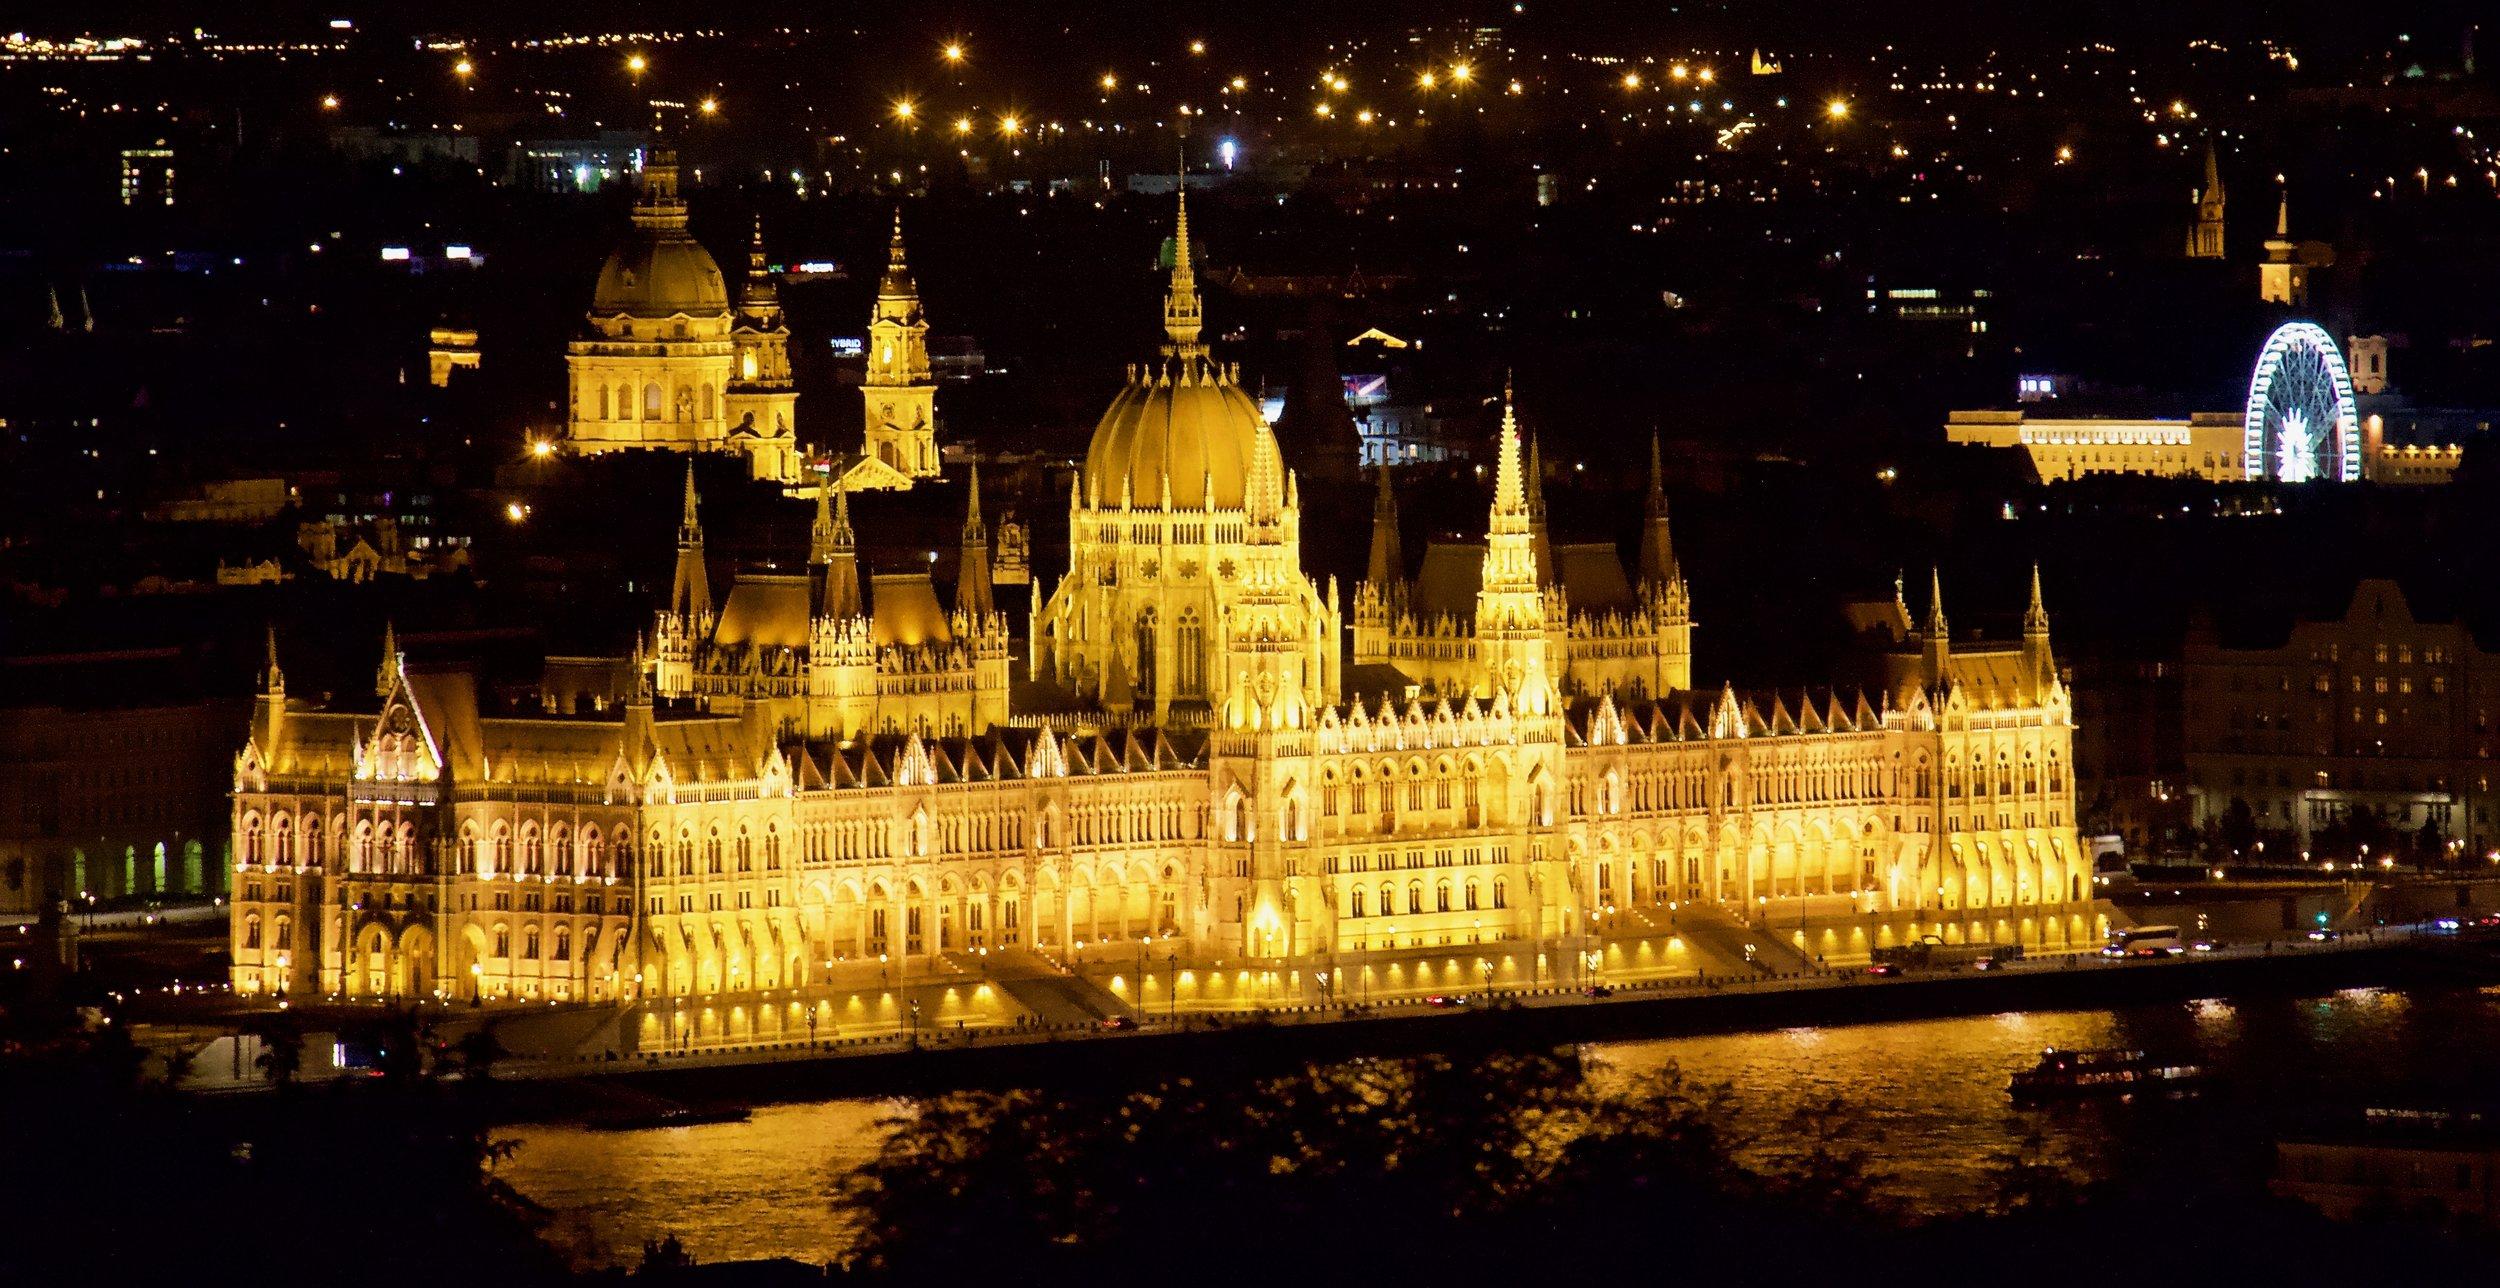 El Danubio - Un viaje que traerá magía res un recorrido en crucero o por tierra por las ciudades imperiales e históricas del Danubio. Desde la hermosísima Praga pasando por Bratislava, Viena hasta la histórica Budapest, las ciudades mágicas del Danubio son un viaje que debes considerar.